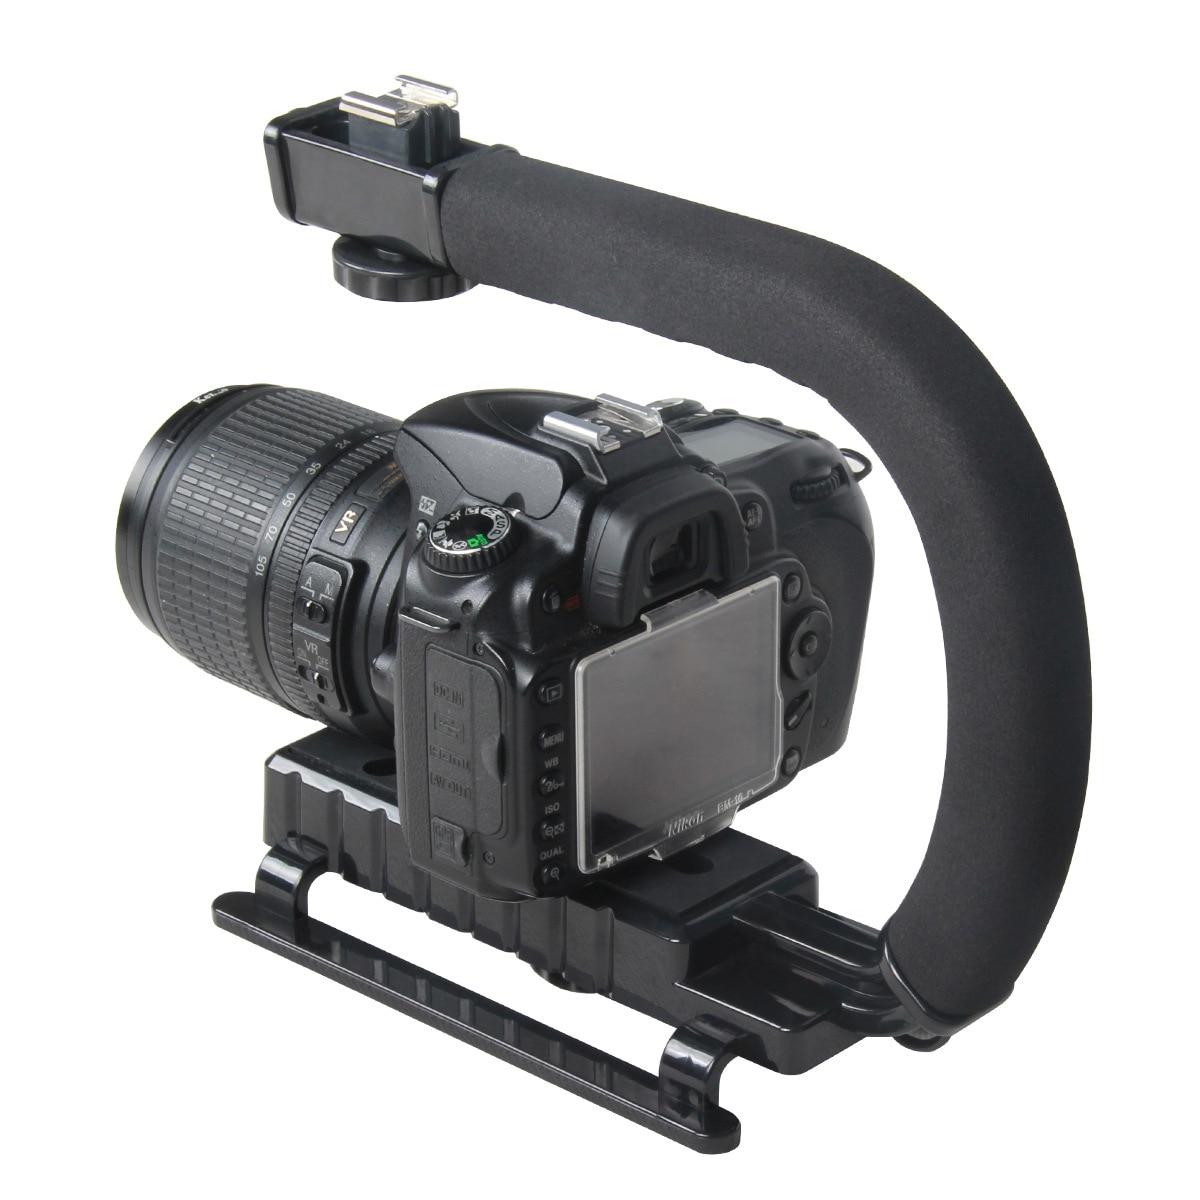 Stabilisateur de cardan de poche vidéo en forme de C pour appareil photo Nikon Canon Sony DSLR et Steadicam Portable léger pour Gopro